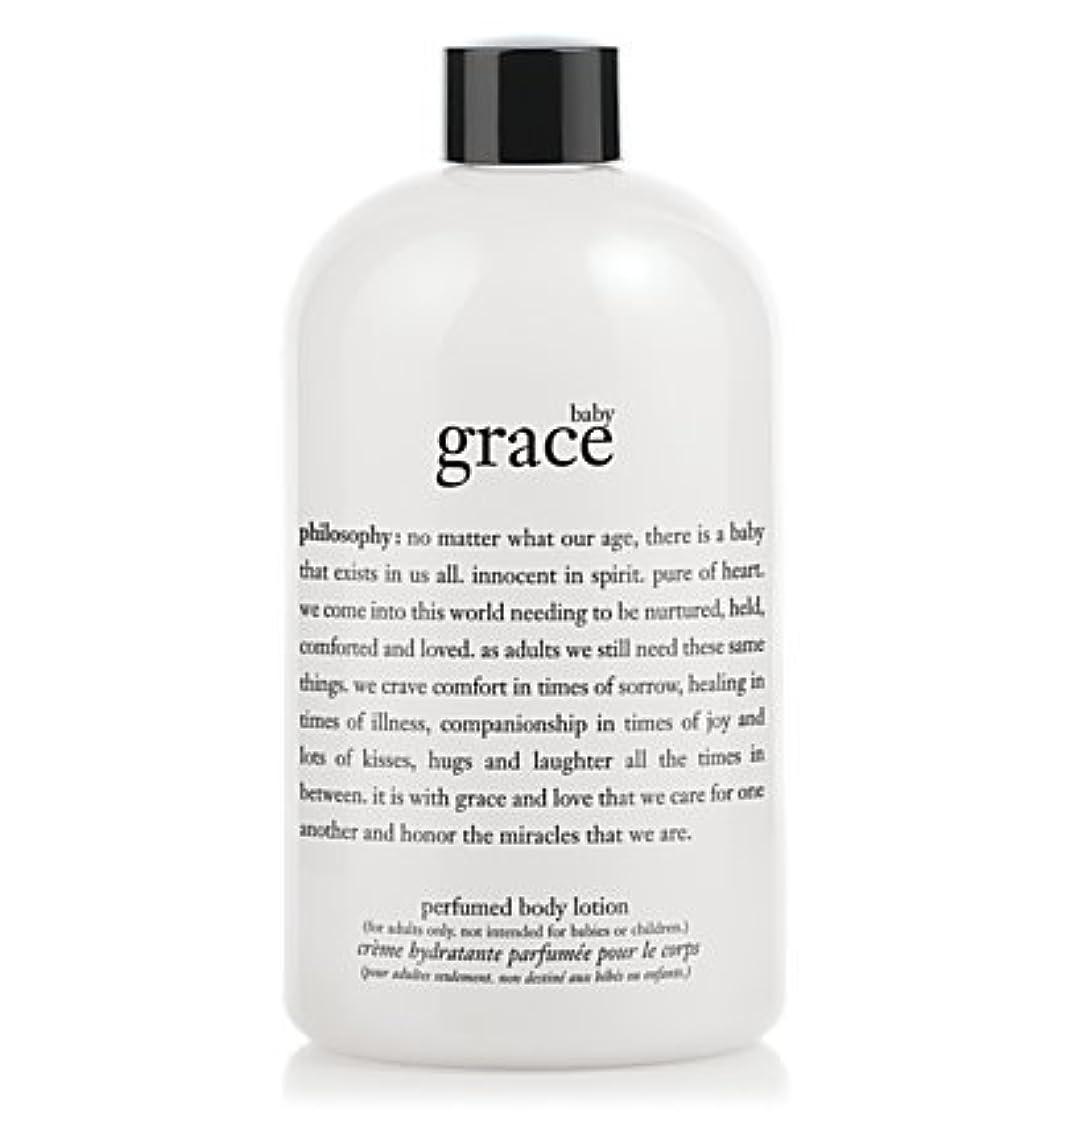 モーテル送料オリエンテーションbaby grace (ベビーグレイス ) 16.0 oz (480 ml) perfumed body lotion for Women